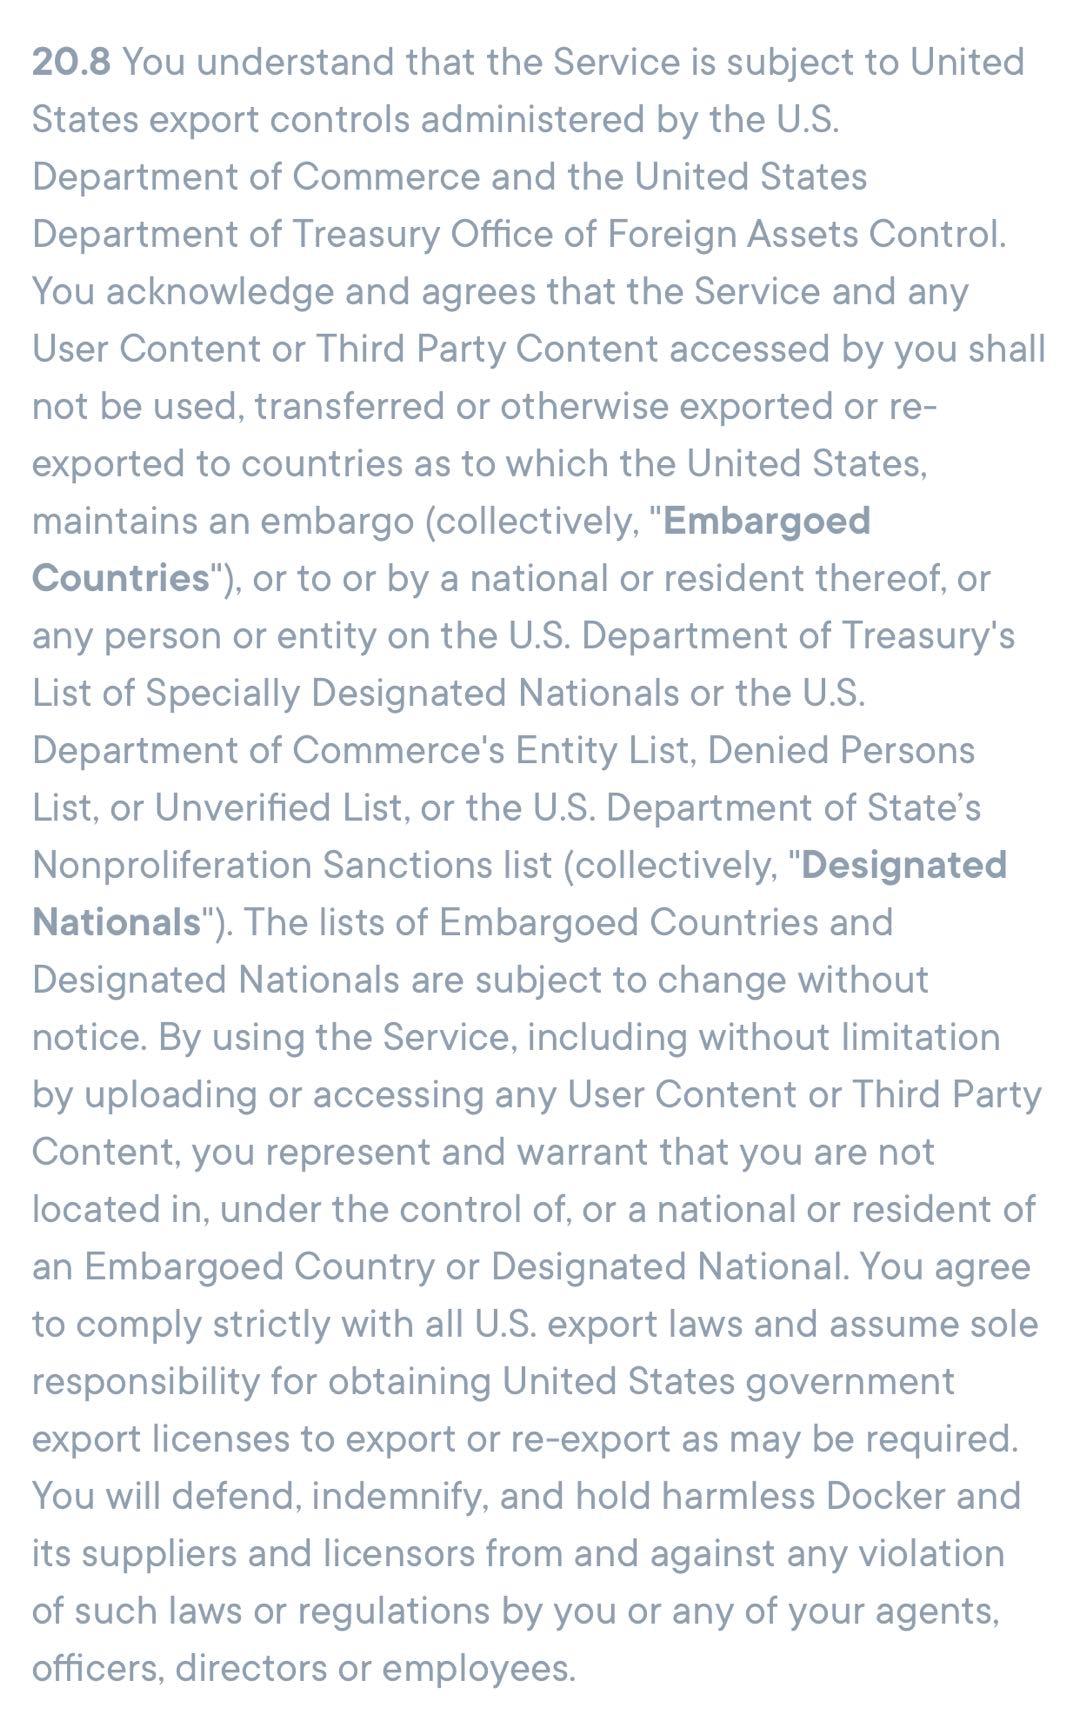 Docker 服务禁止被列入美国实体名单的国家、企业使用